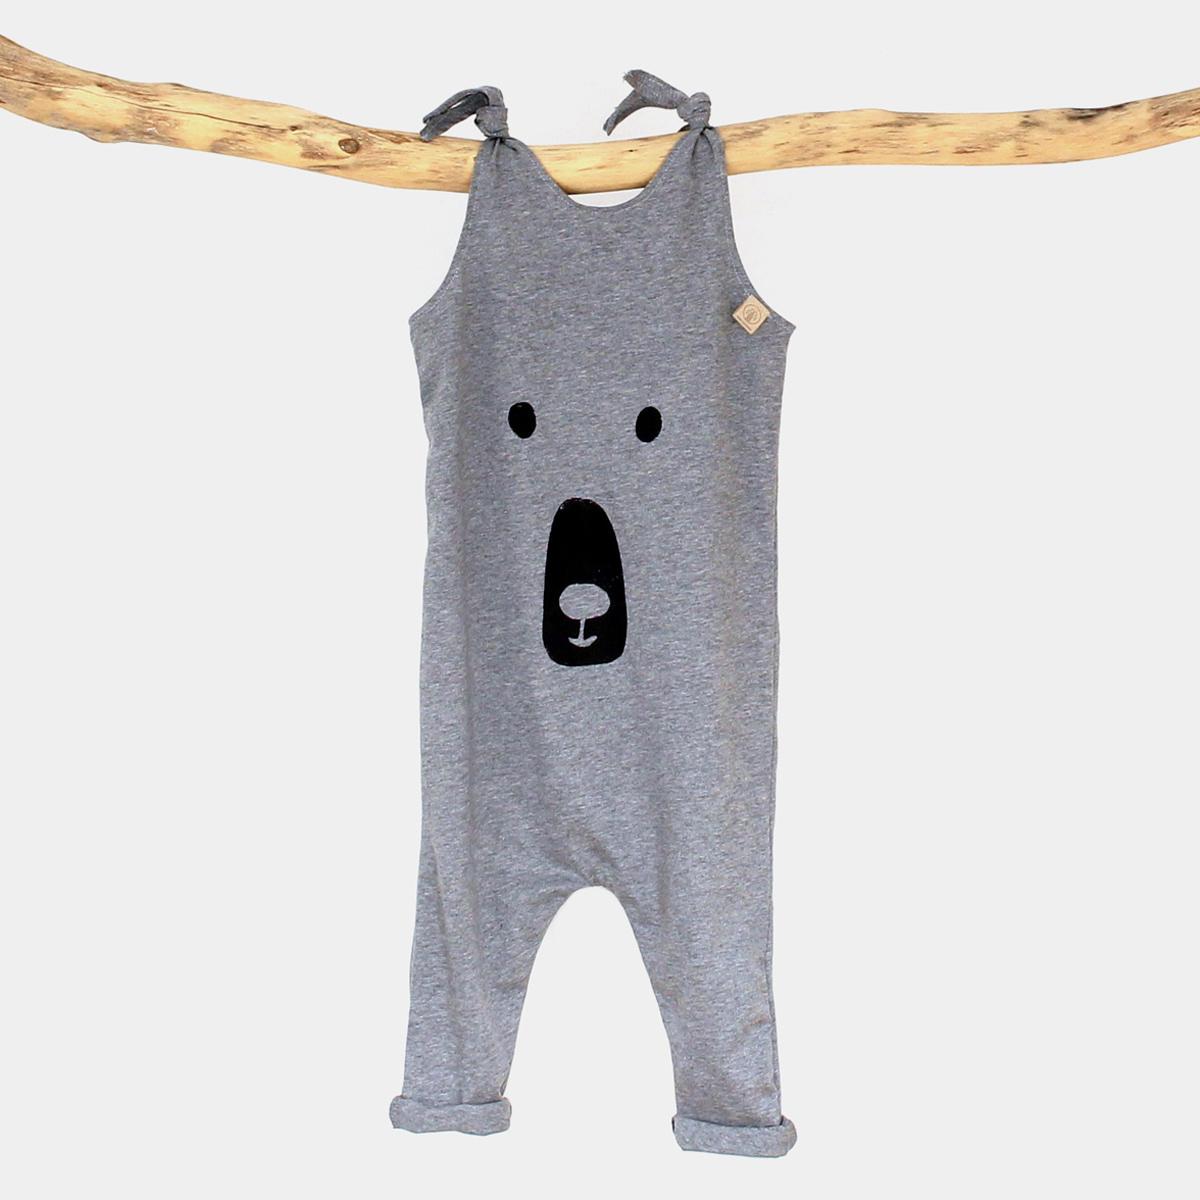 Wunschbrunnen Jumper Grizzly